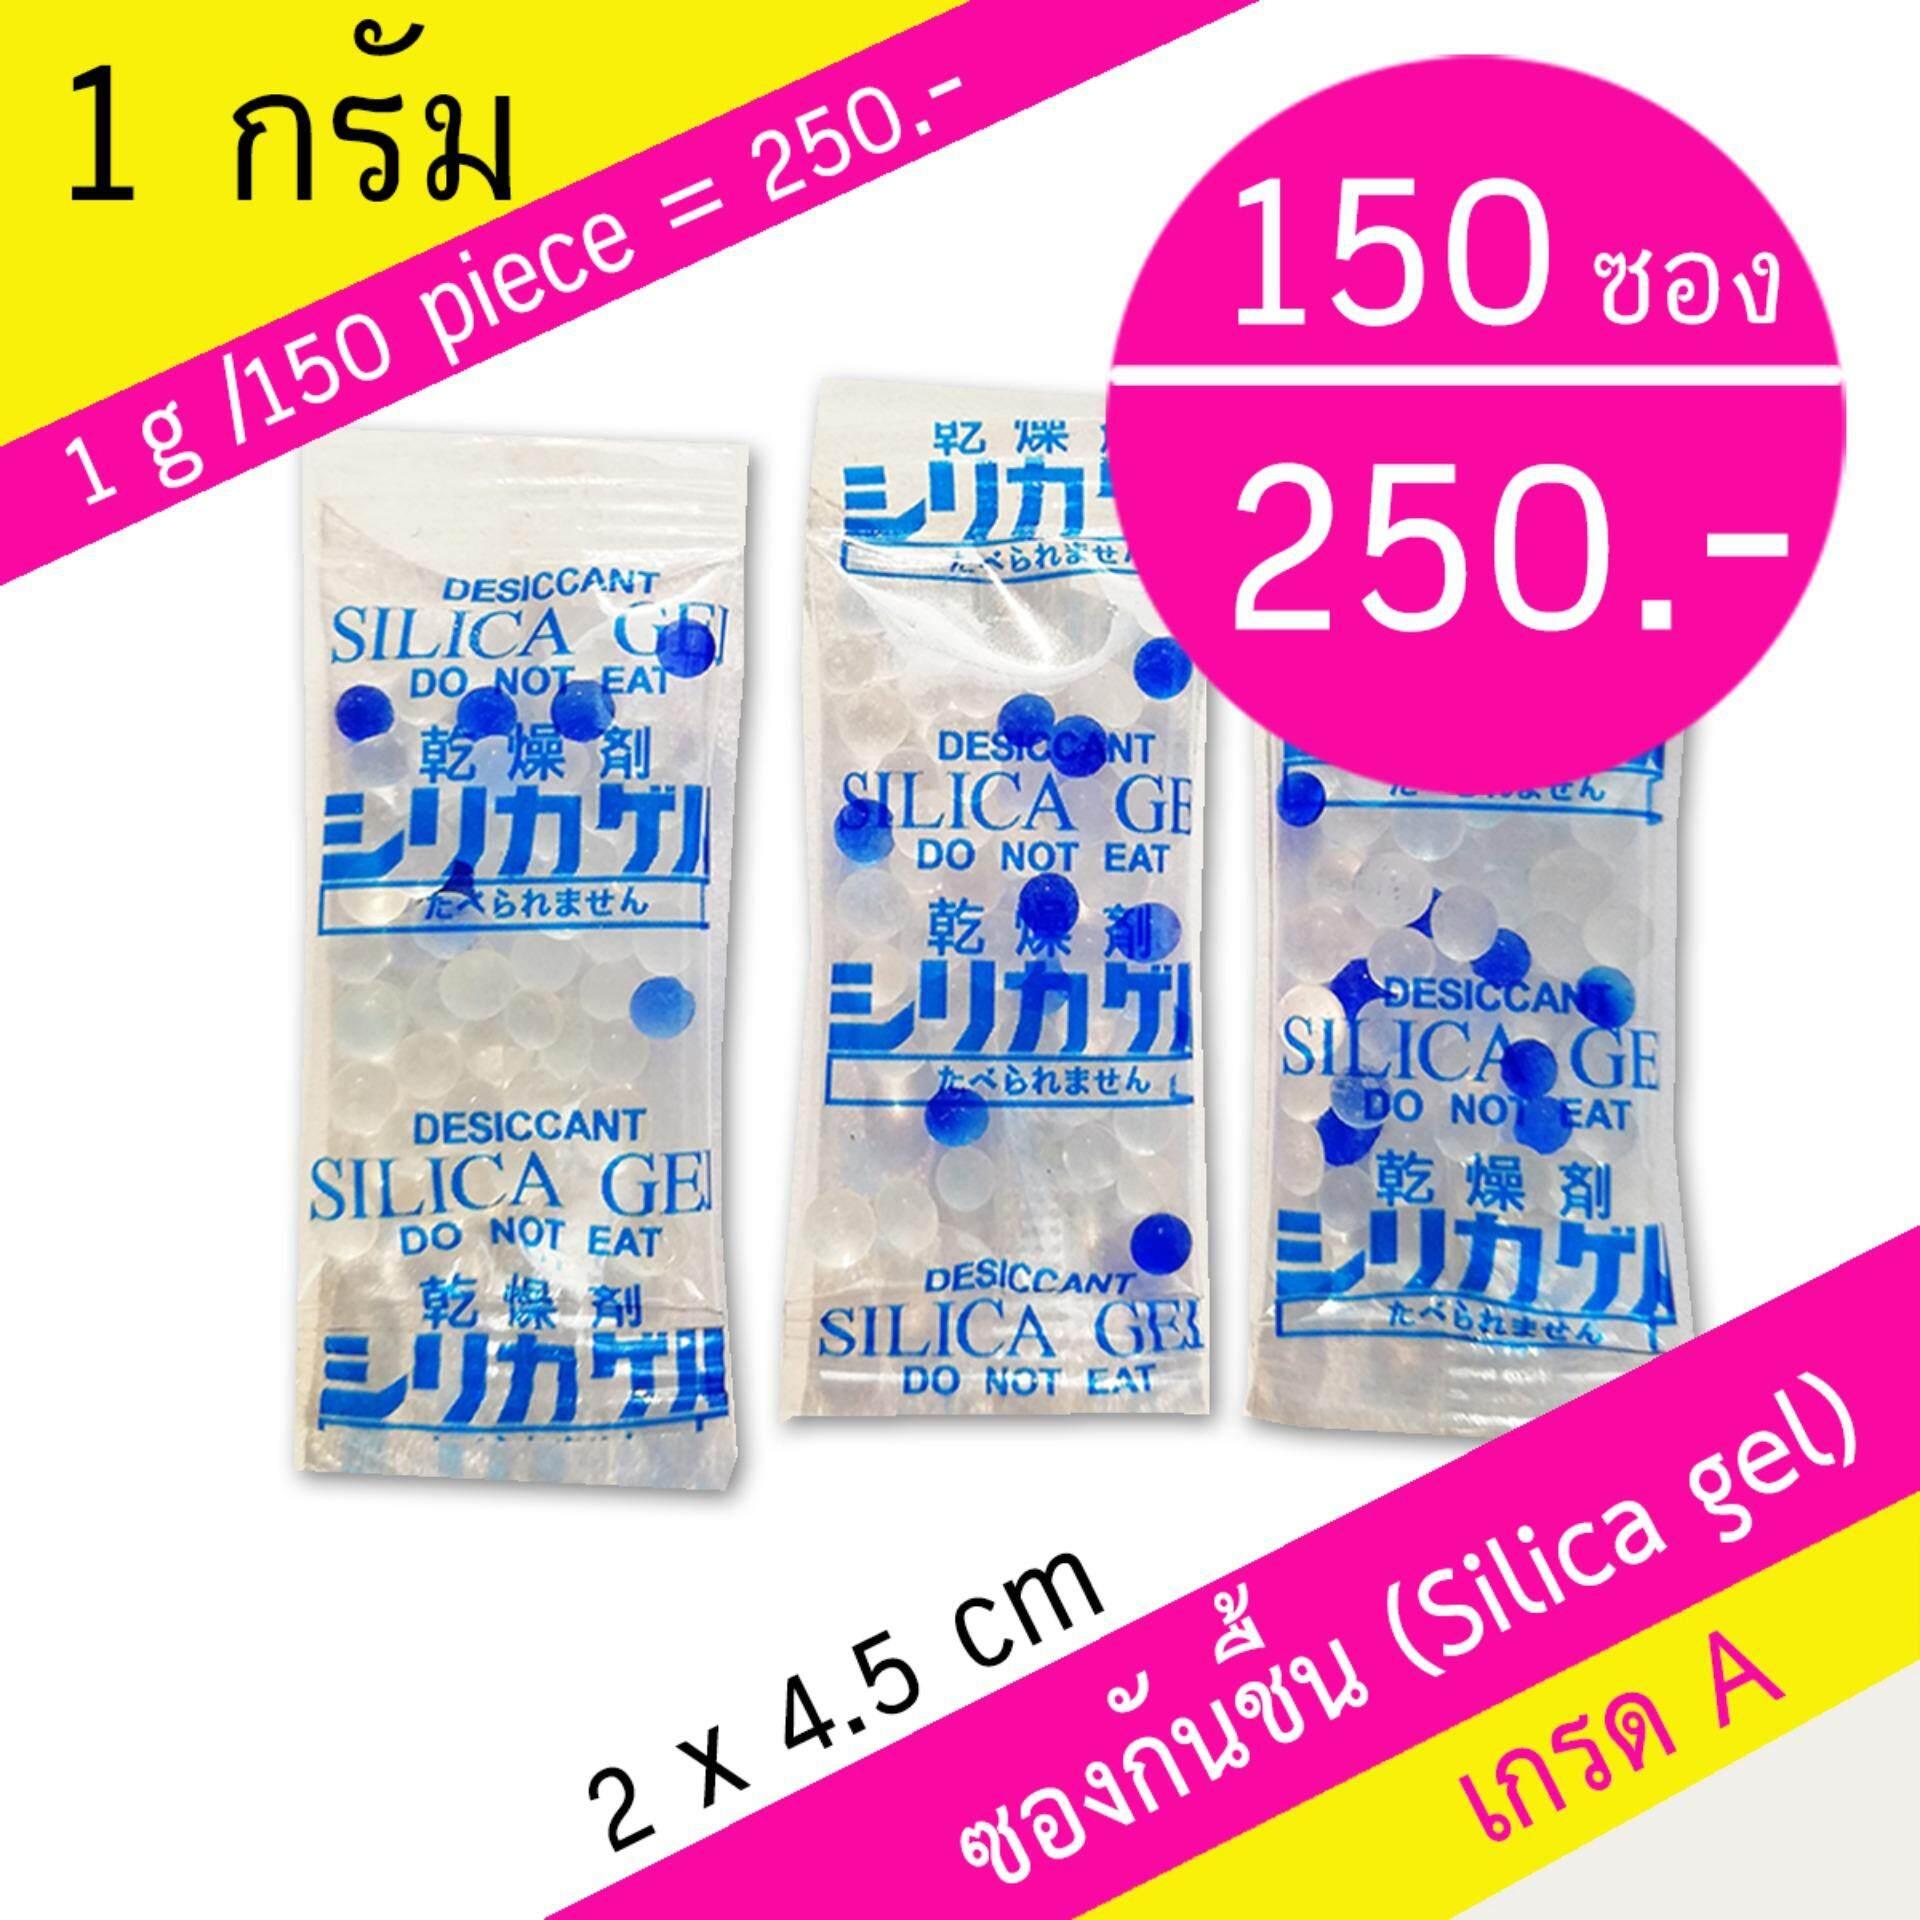 ซิลิก้าเจล เม็ดกันชื้น ซองกันชื้น สารกันความชื้น (silica gel)1 กรัม 150 ซอง